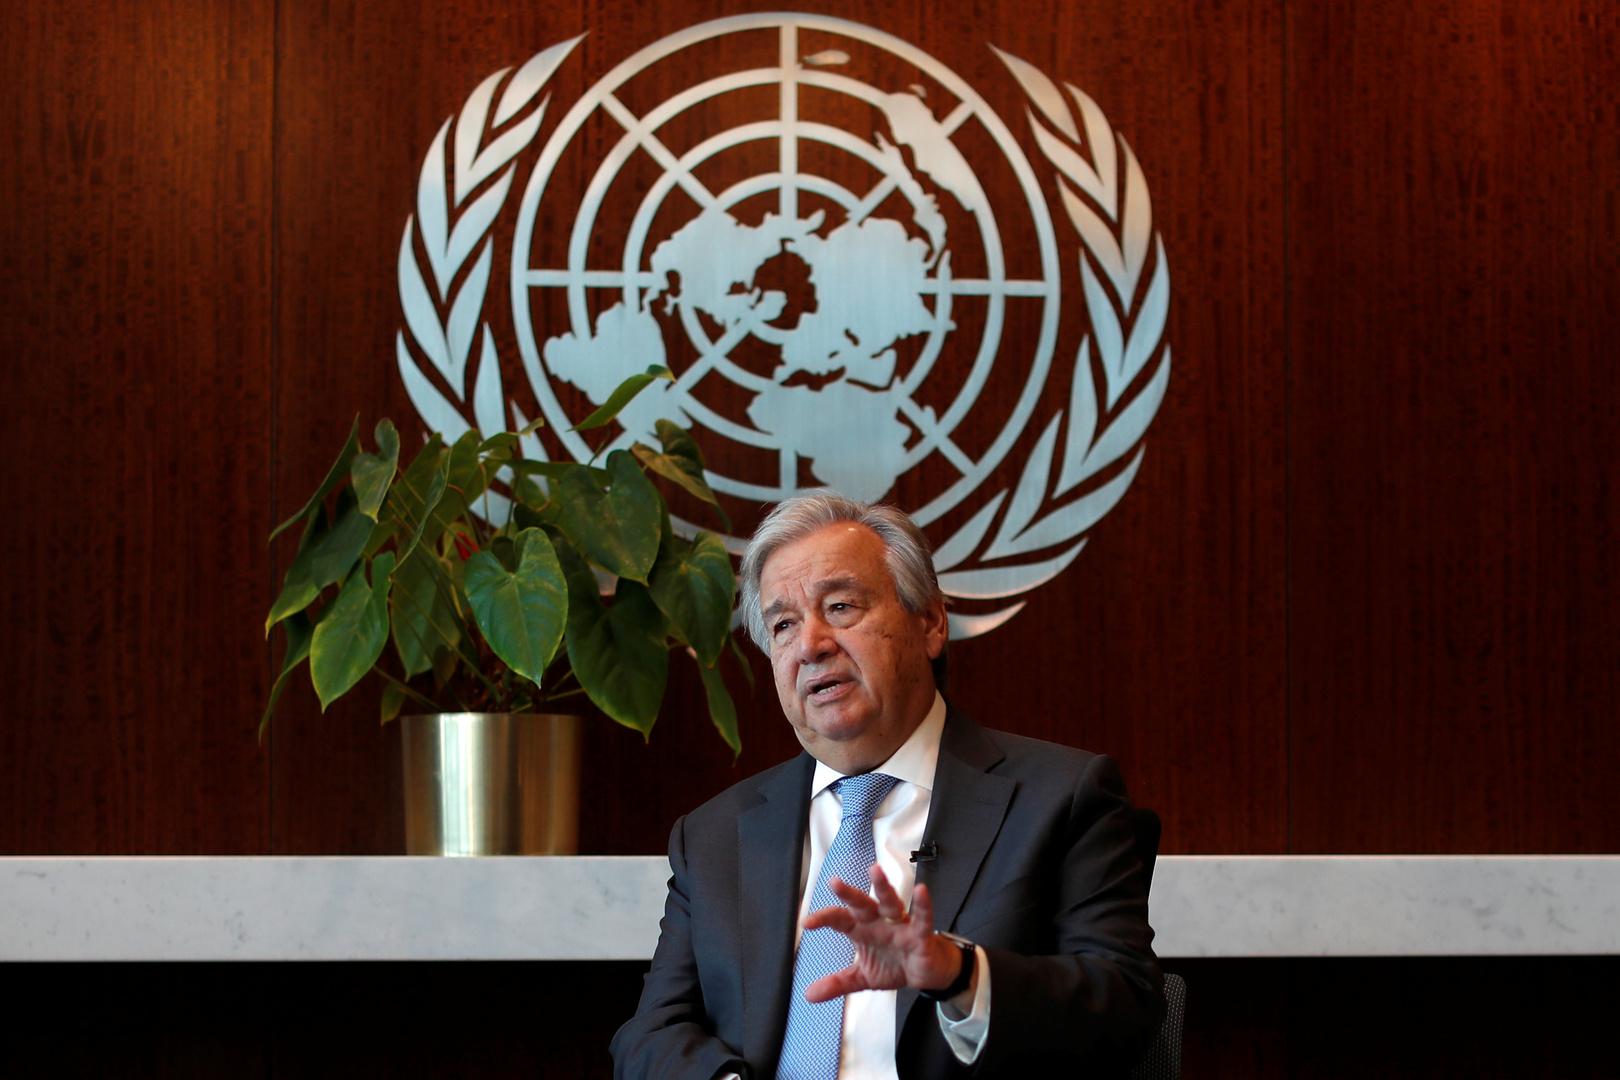 في ذكرى تأسيس الأمم المتحدة الـ 75.. غوتيريش: مهمتنا الأساسية الآن إنقاذ البشرية